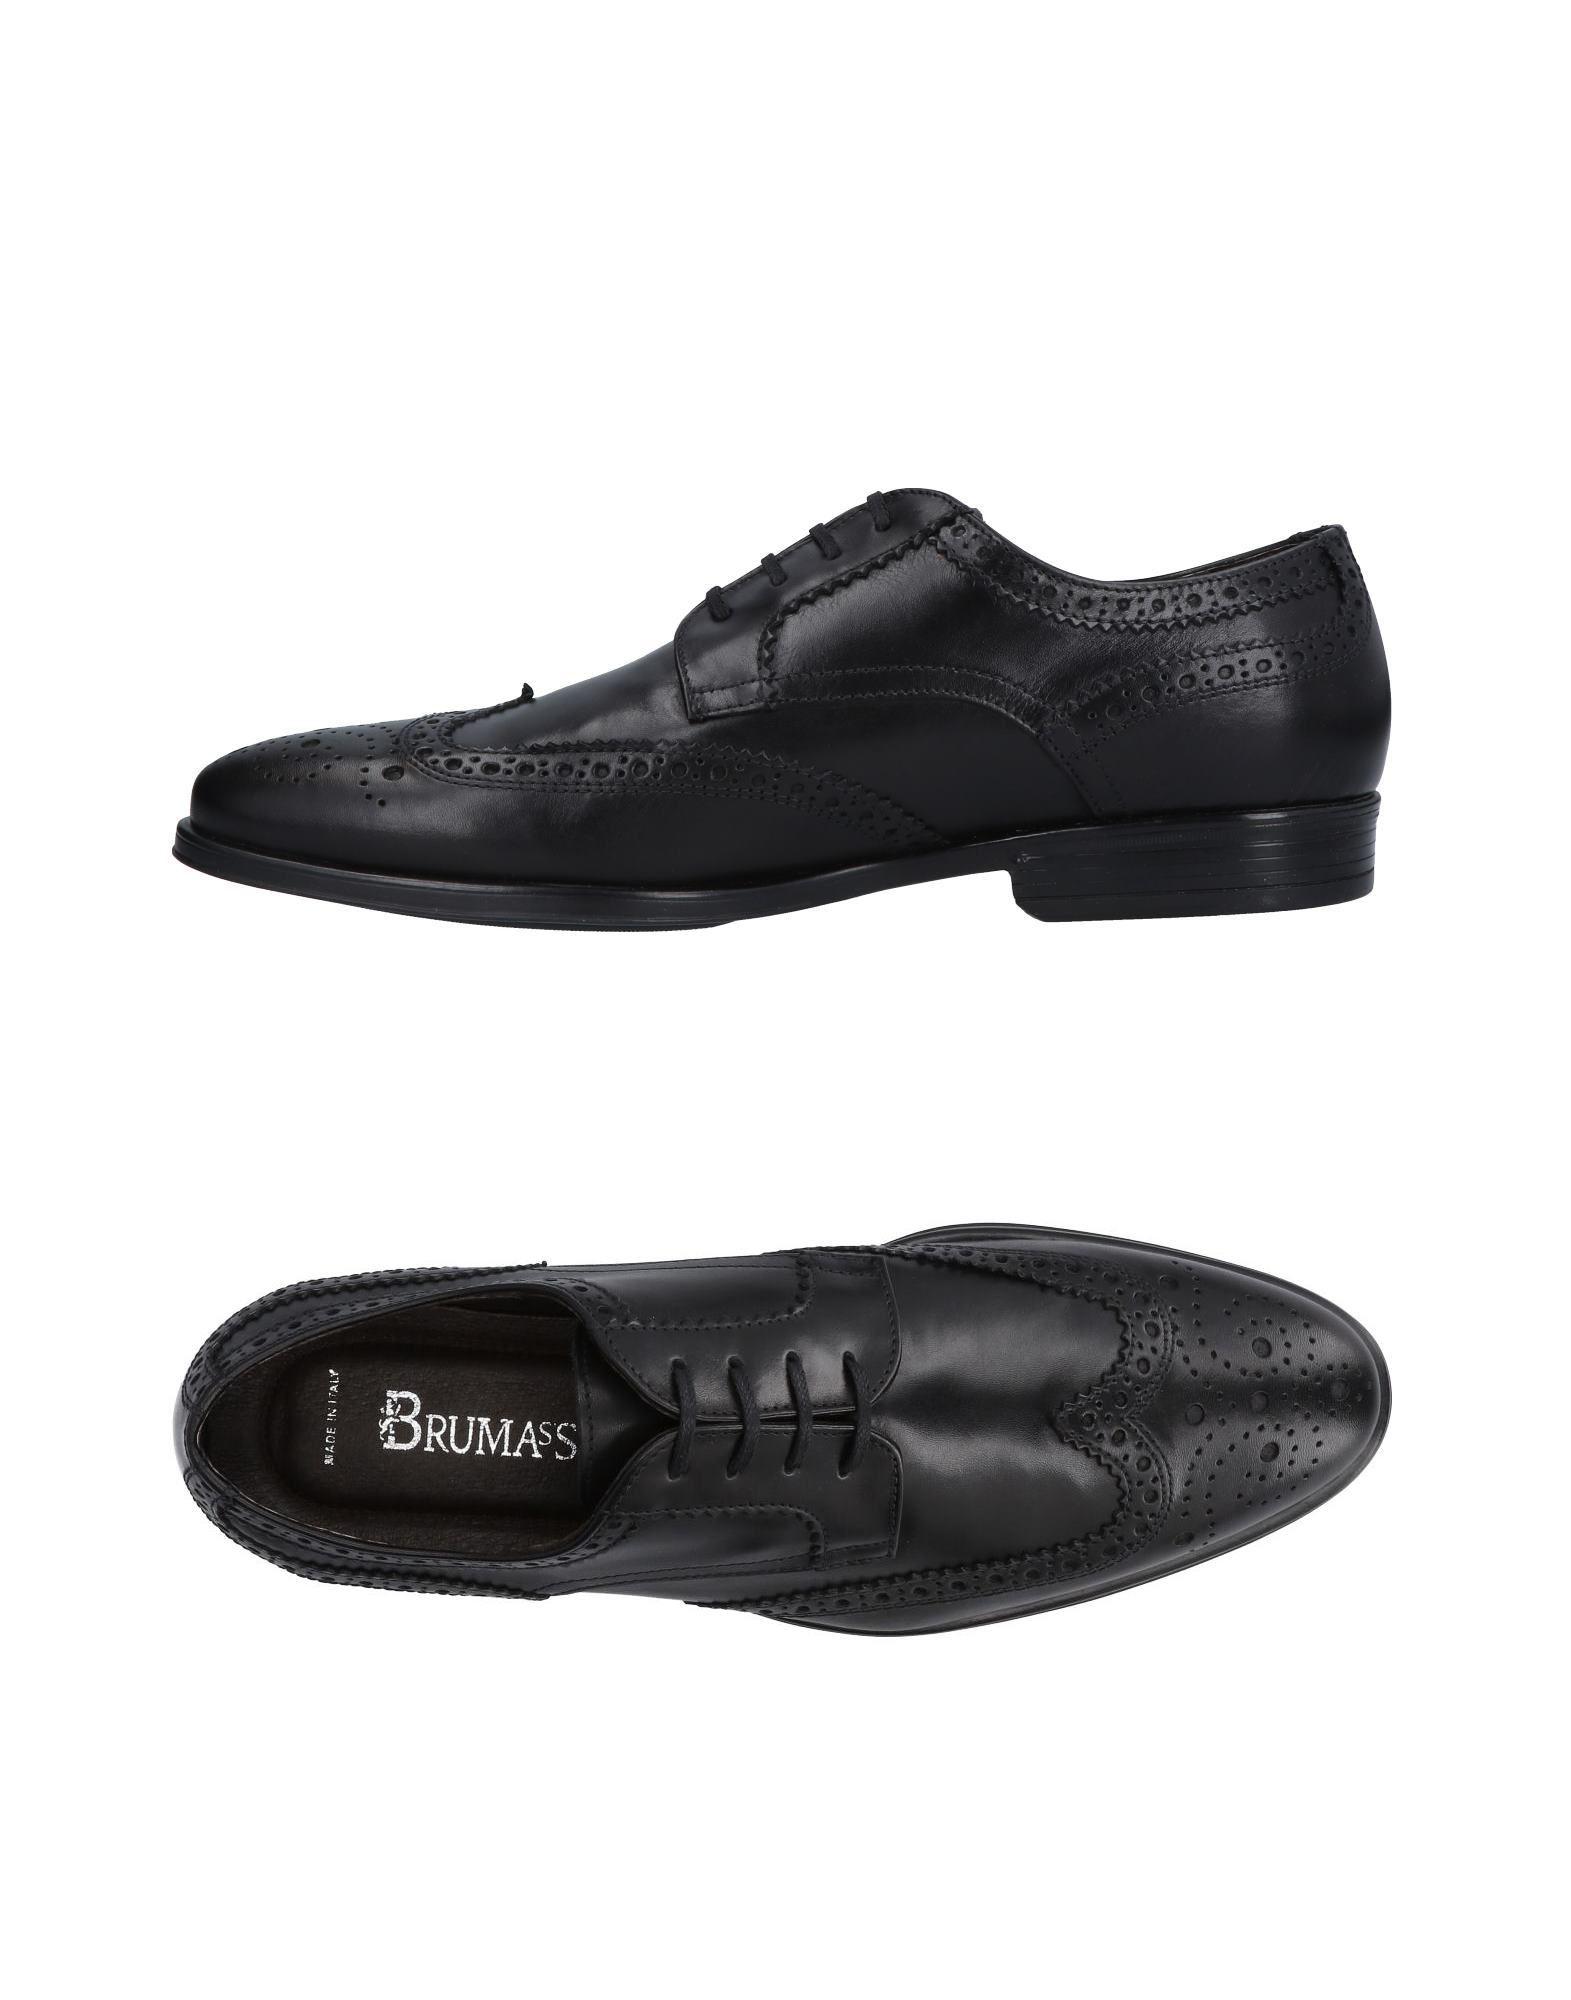 Фото - BRUMAS'S Обувь на шнурках обувь на высокой платформе dkny